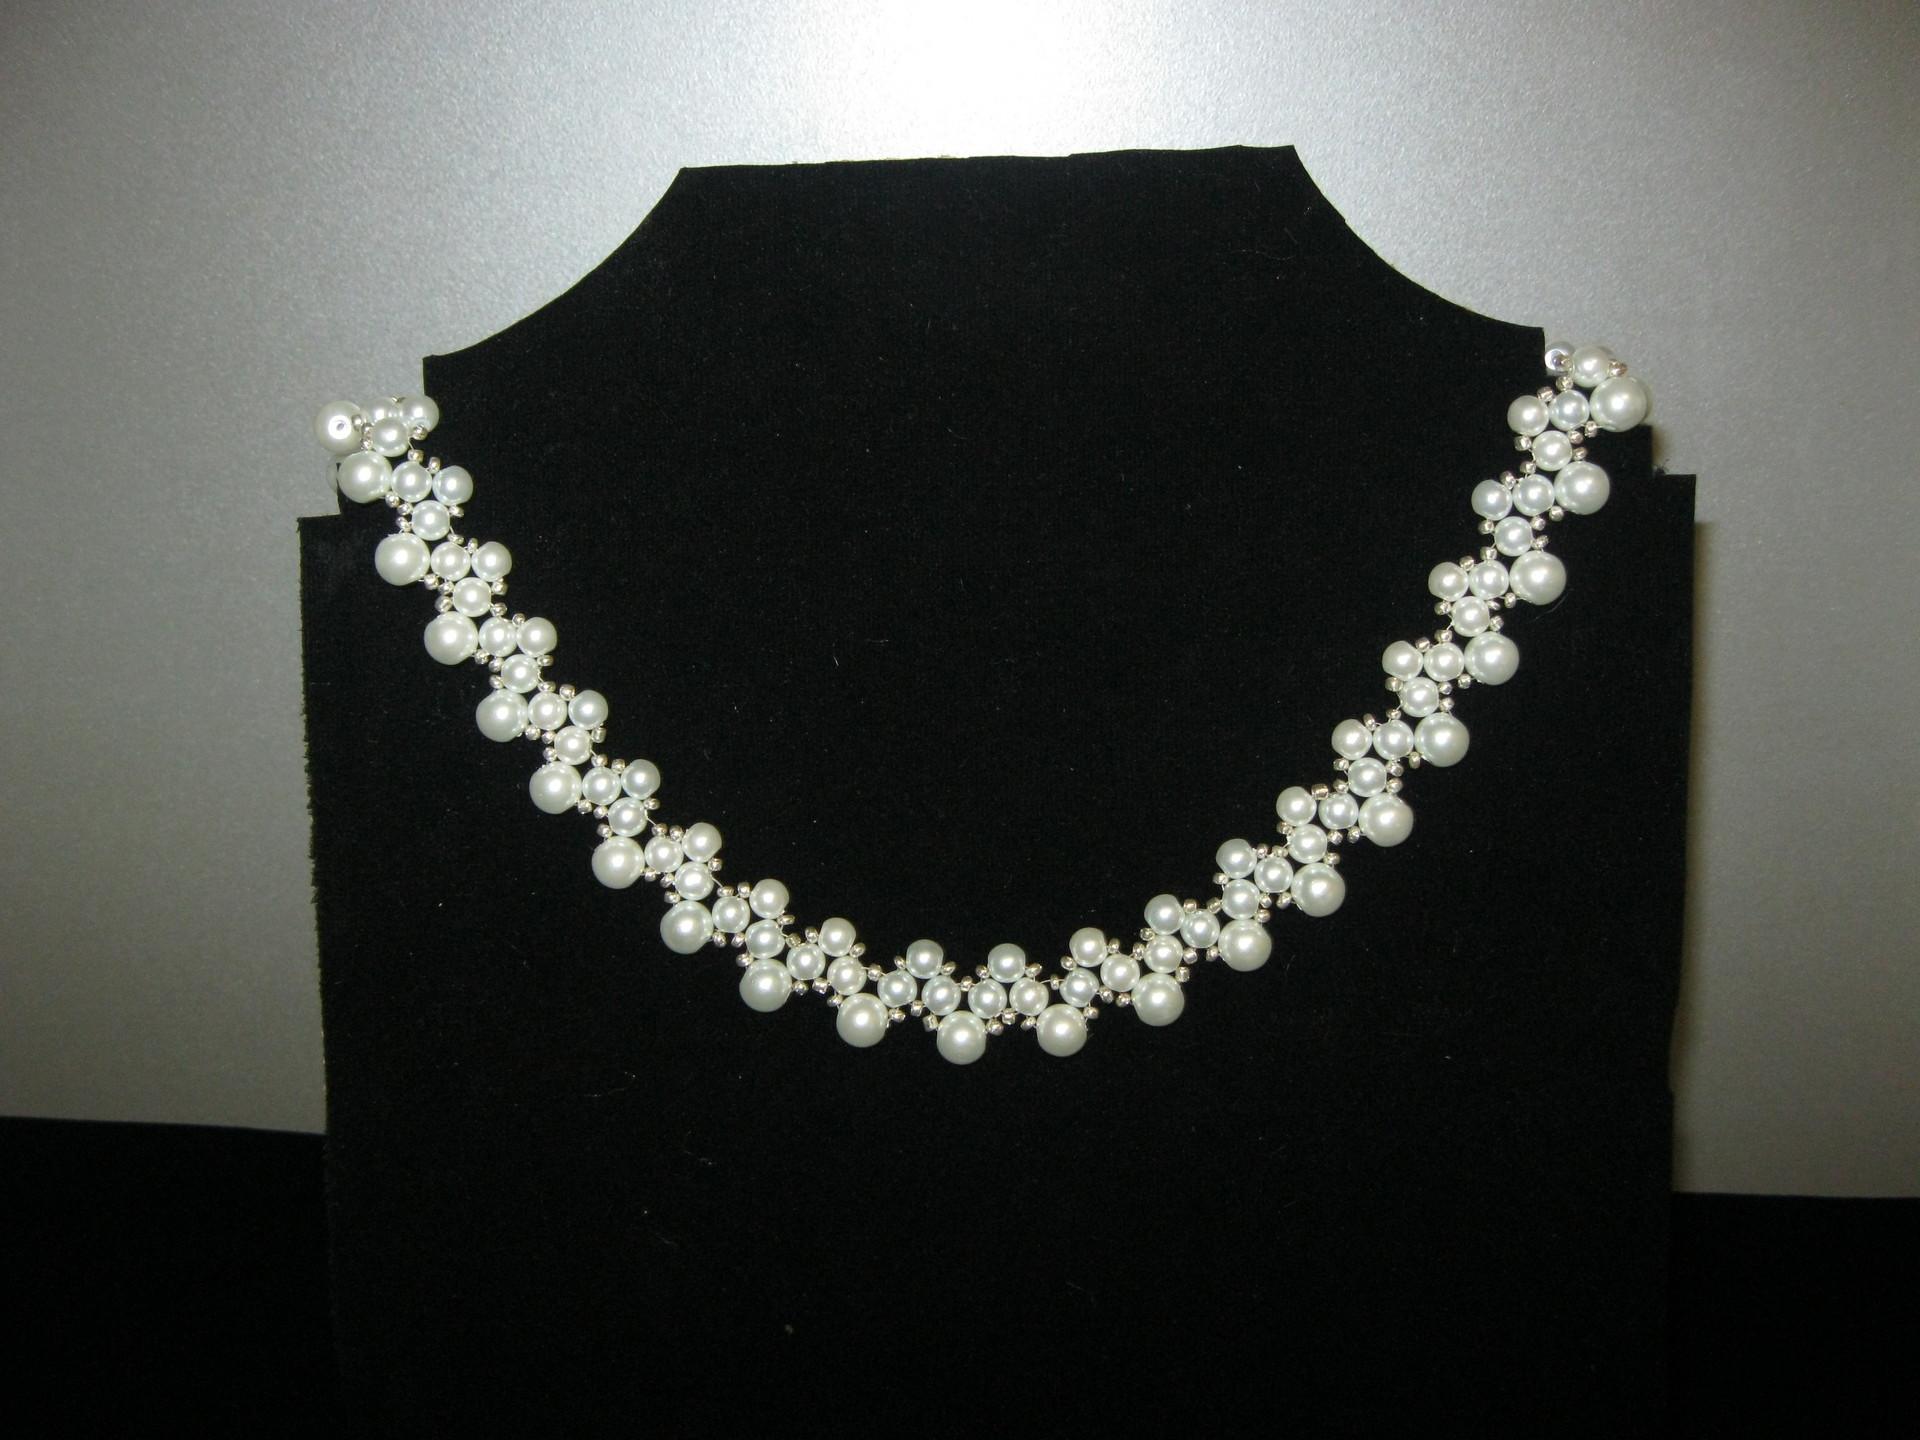 Украшение Бисероплетение Ожерелье Королева Бисер Бусины.